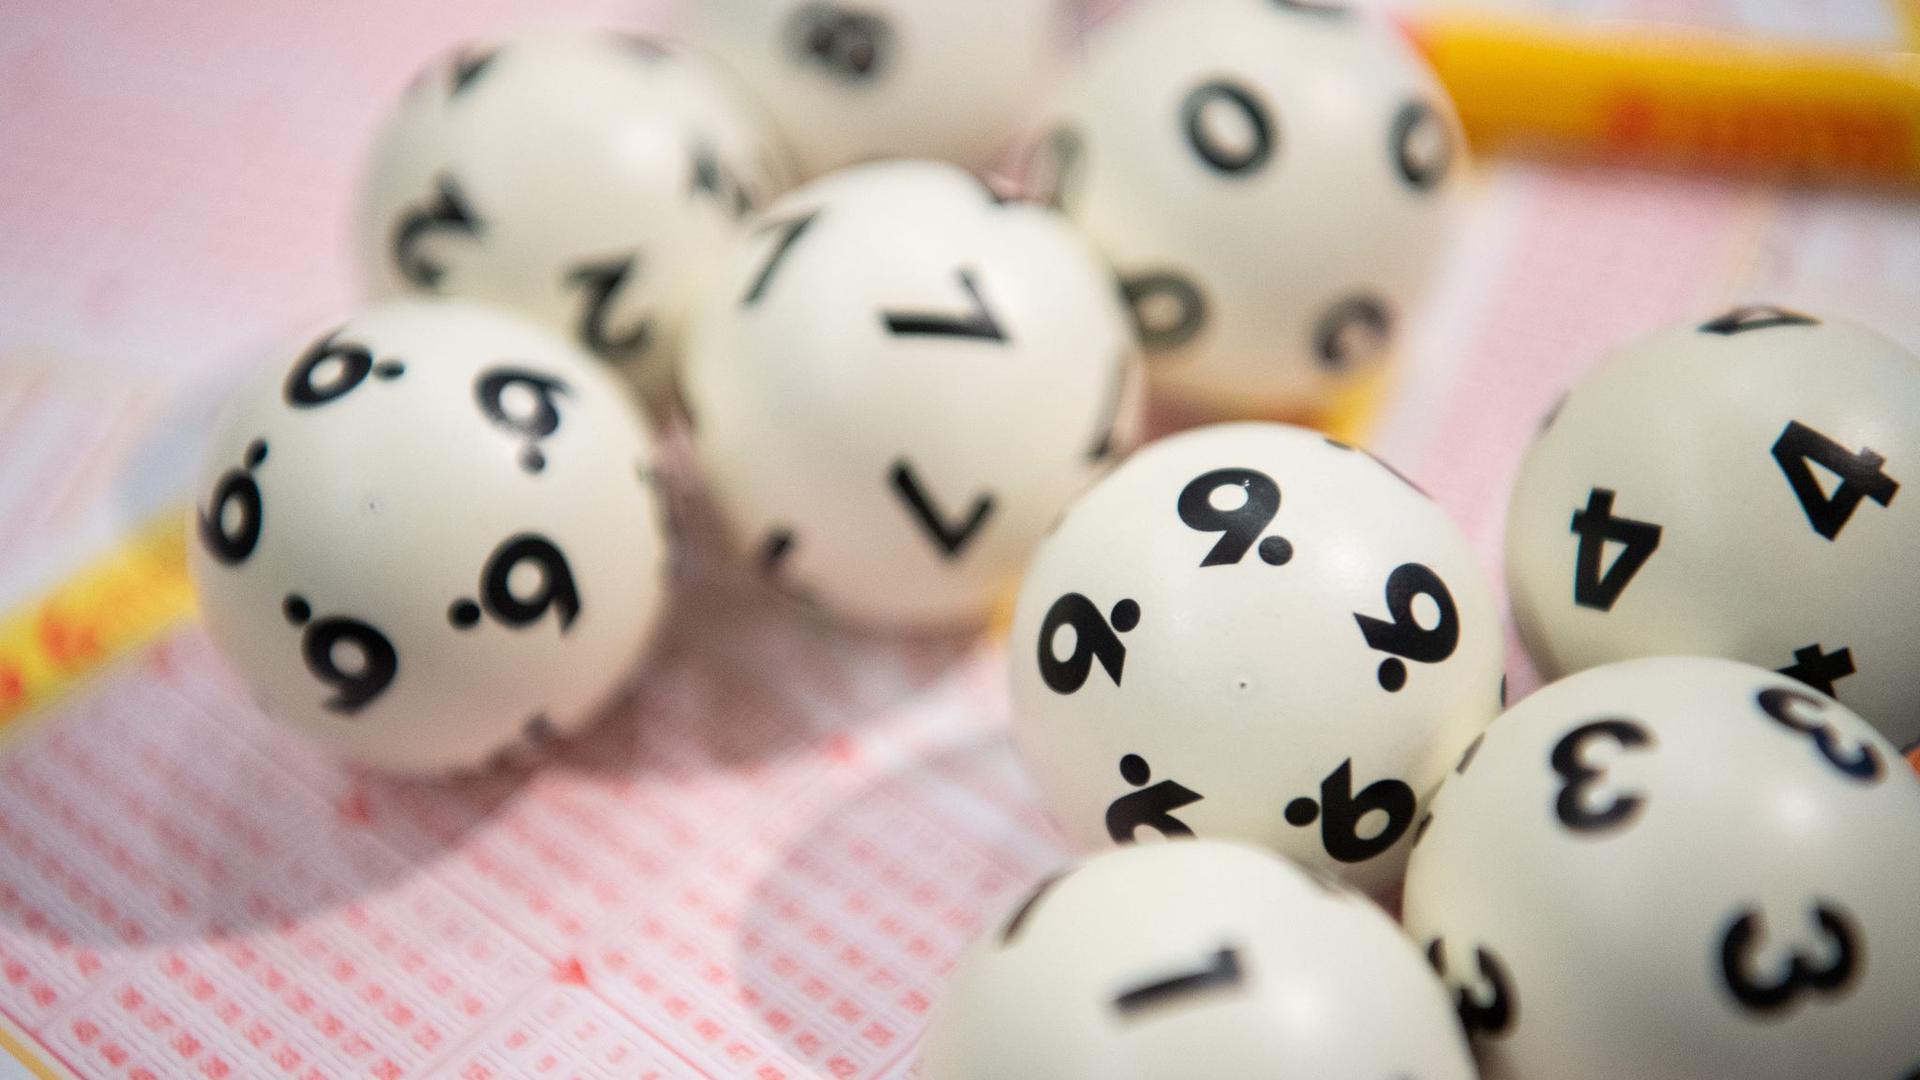 Lottokugeln liegen auf einem Lottoschein.